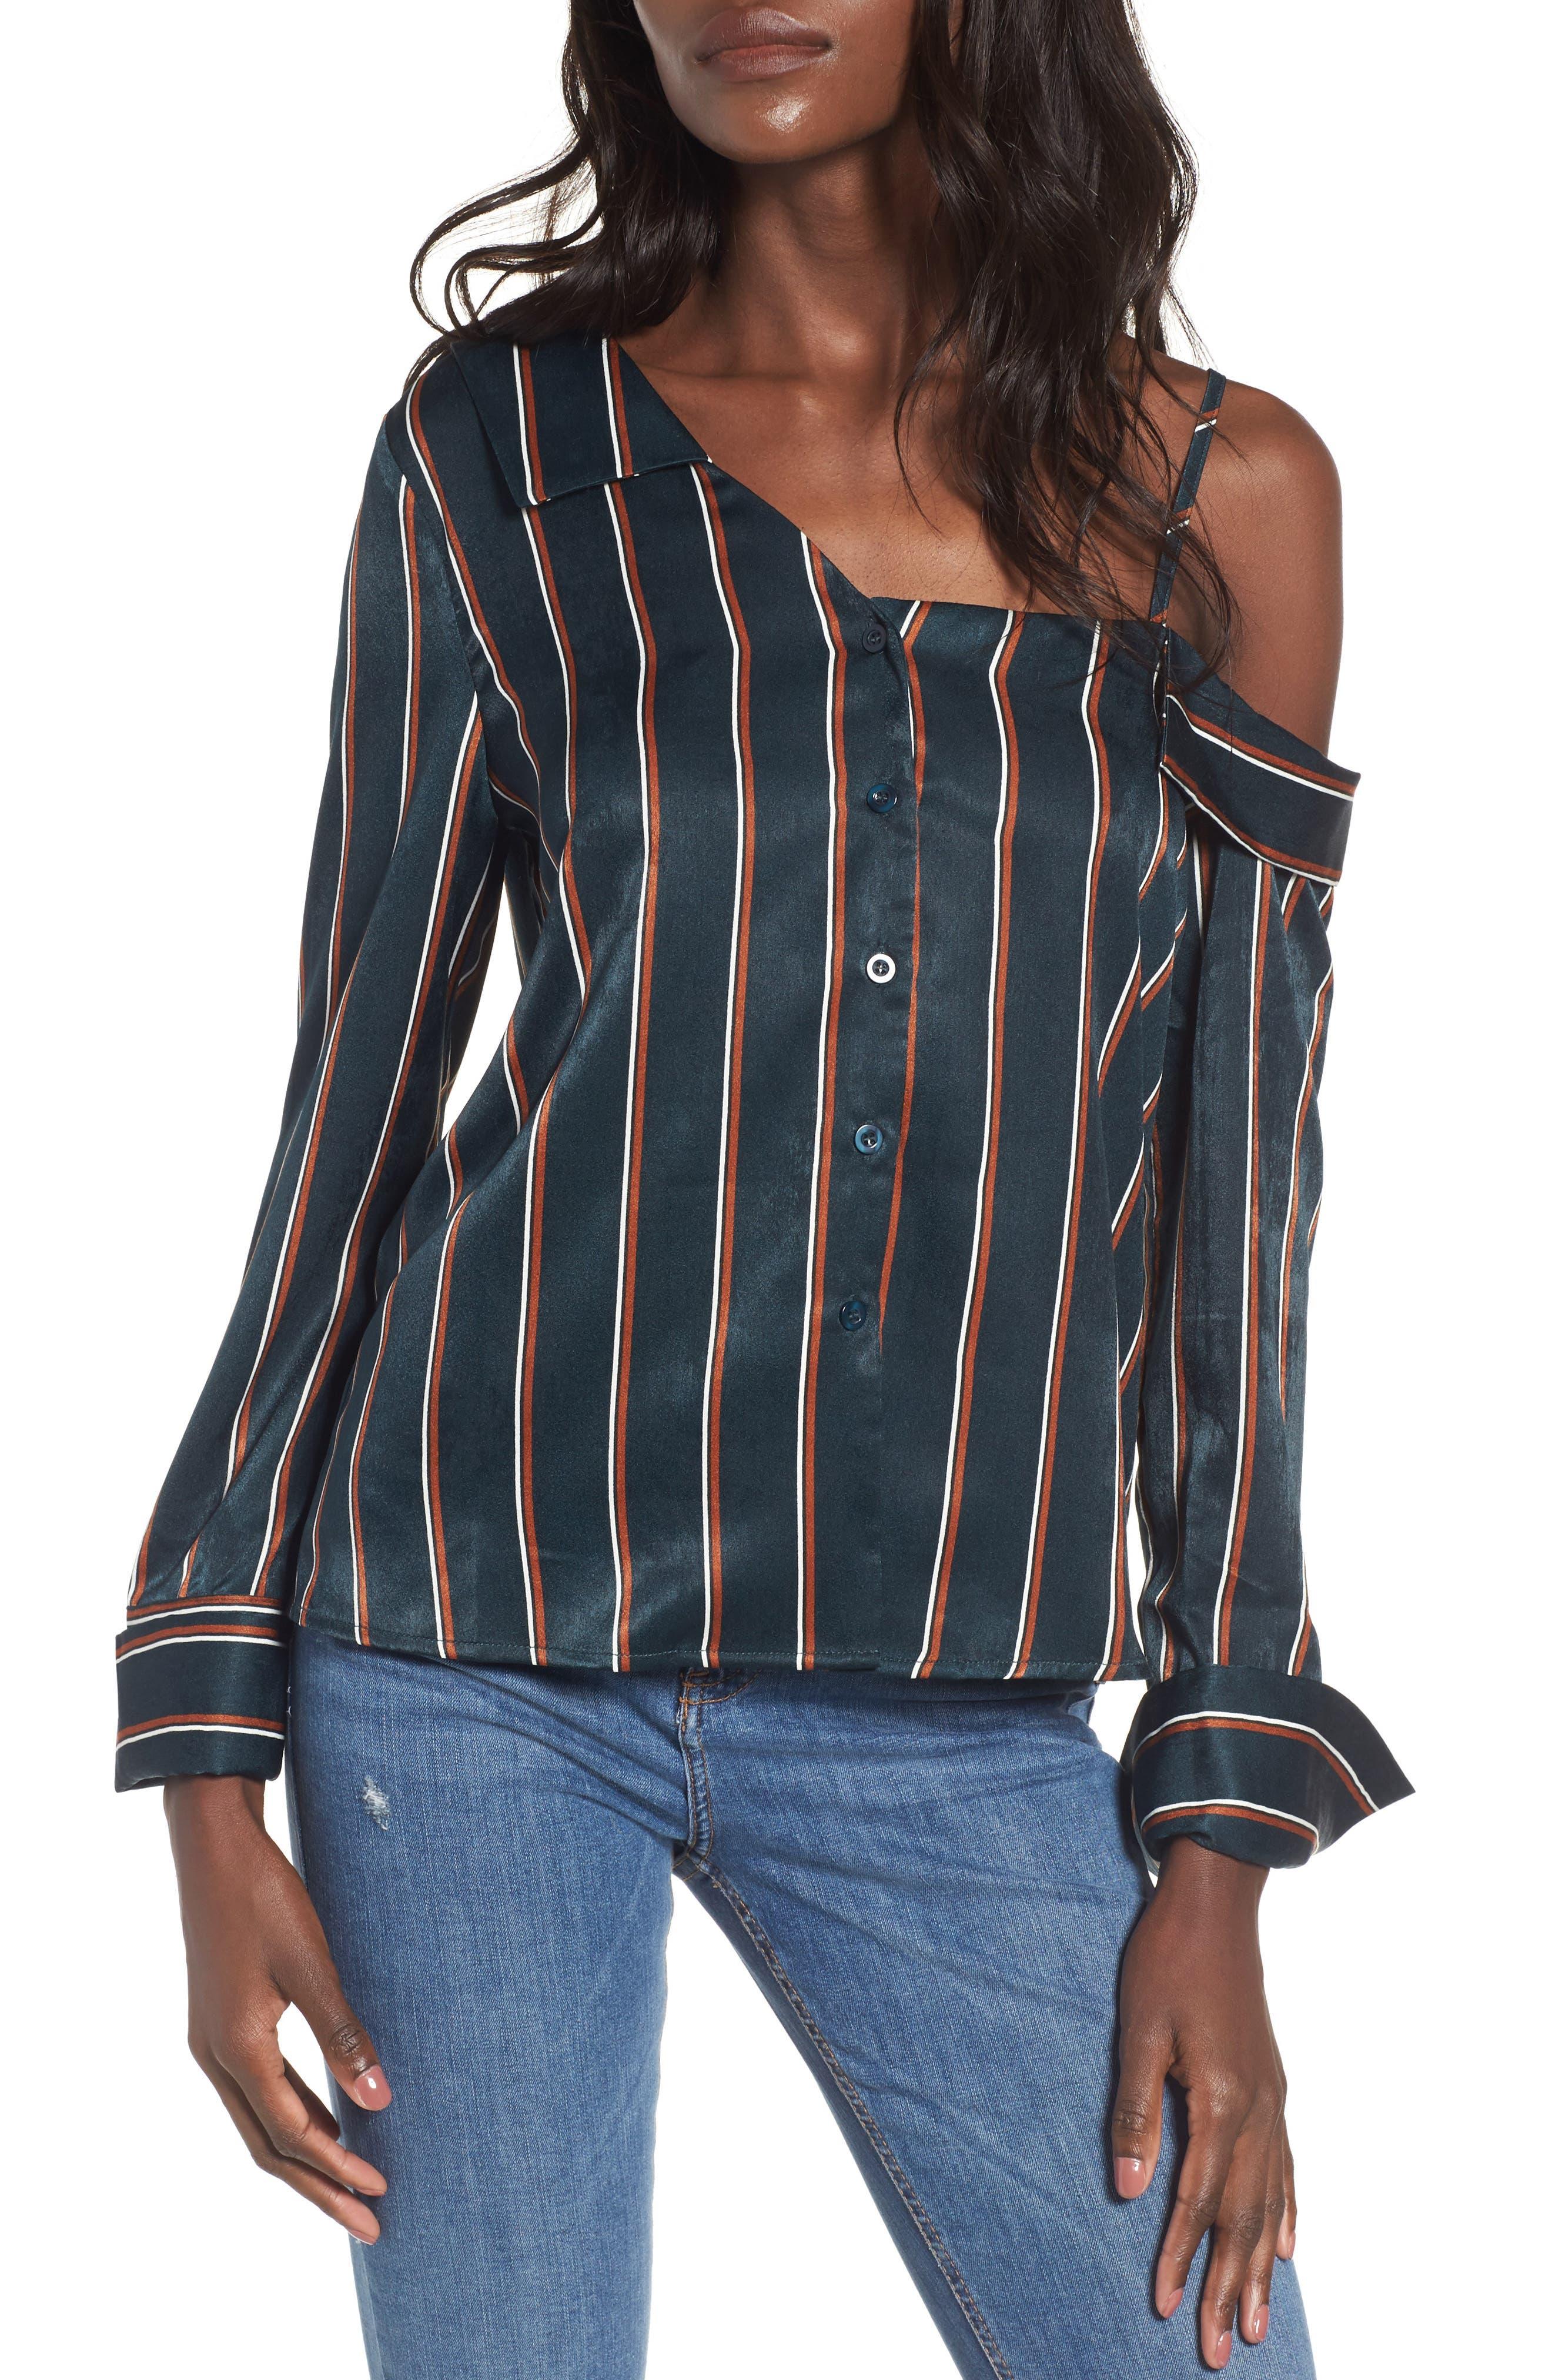 Alternate Image 1 Selected - J.O.A. One-Shoulder Stripe Shirt